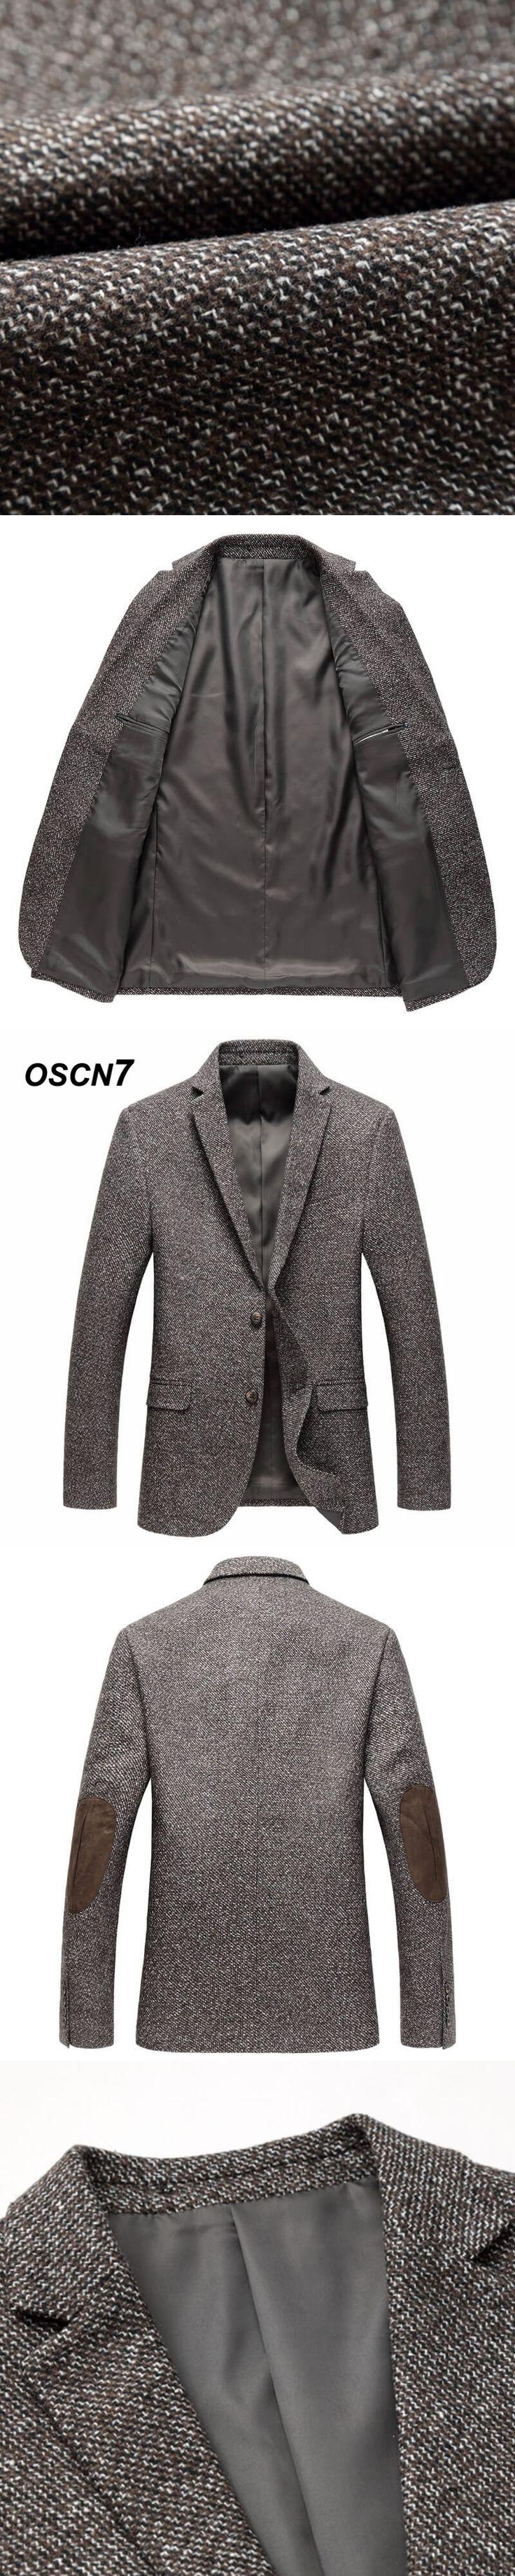 OSCN7 Tweed Blazer Men Patchwork Brown 2018 New Blazer Masculino Slim Fit Leisure Plus Size Mens Blazer Jacket